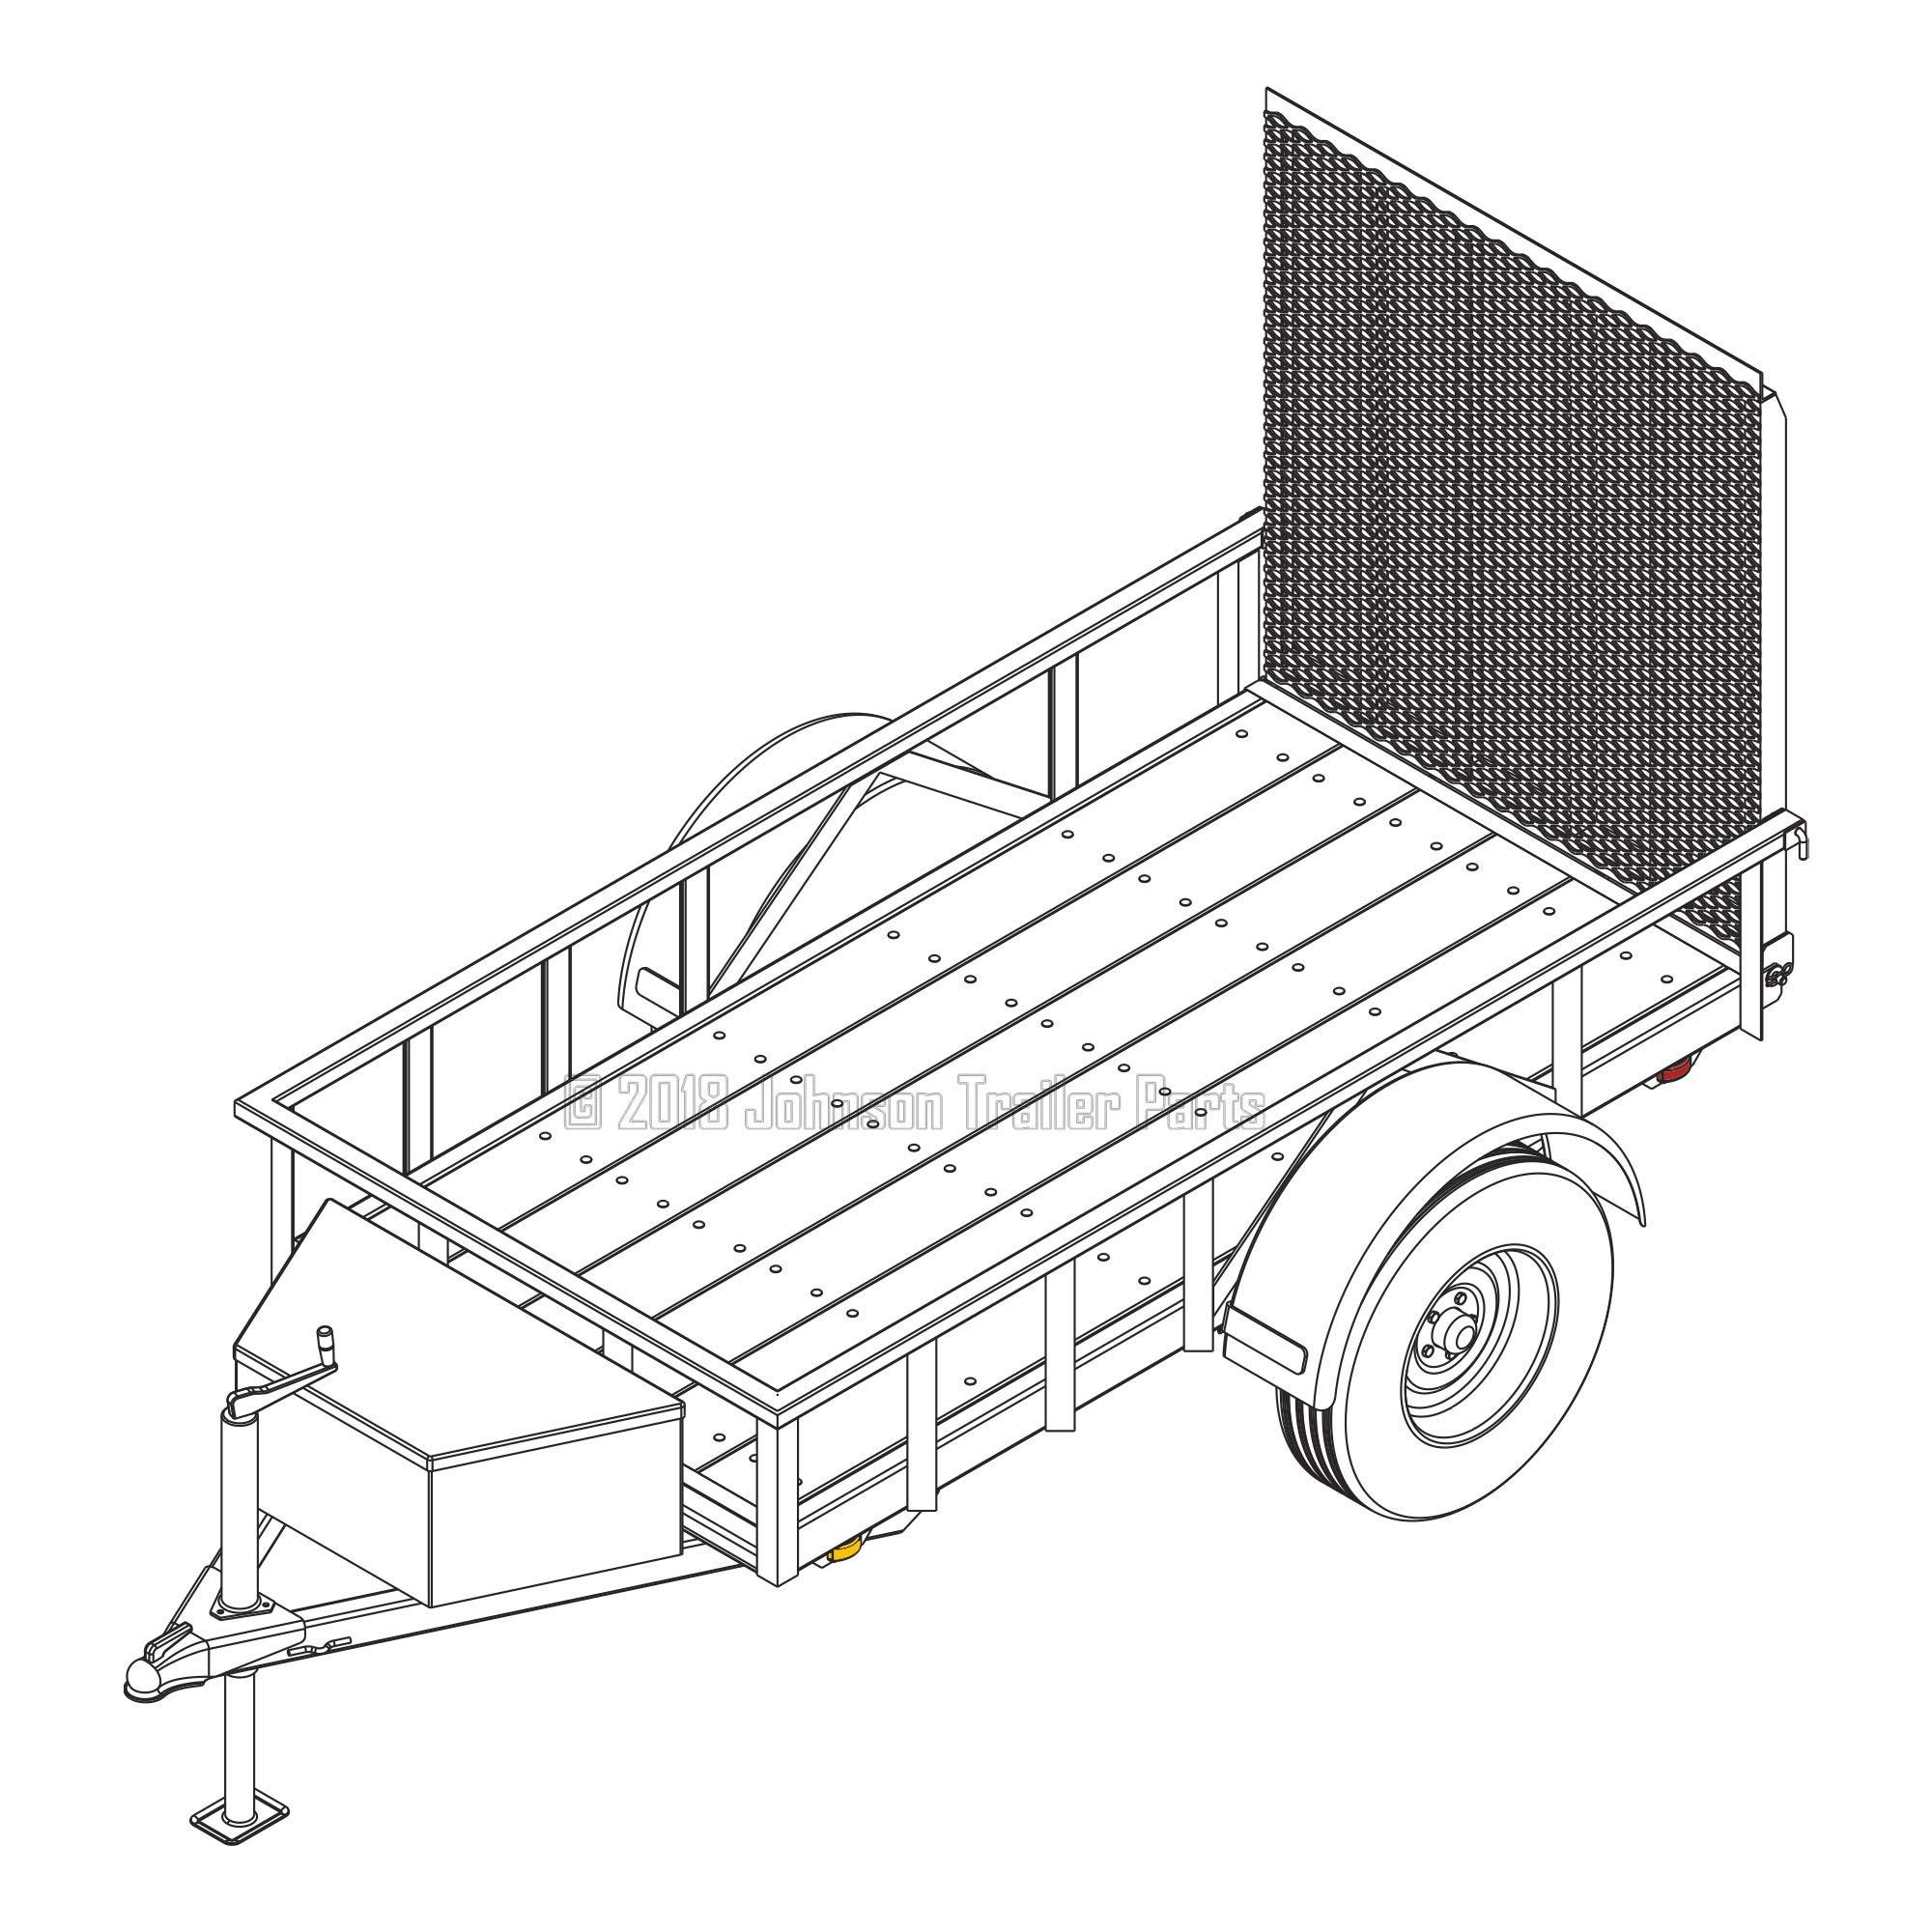 4′ x 8′ Utility Trailer Plans - 3,500 lb Capacity | Trailer Blueprints Model U49-96-35J by Johnson Trailer Parts